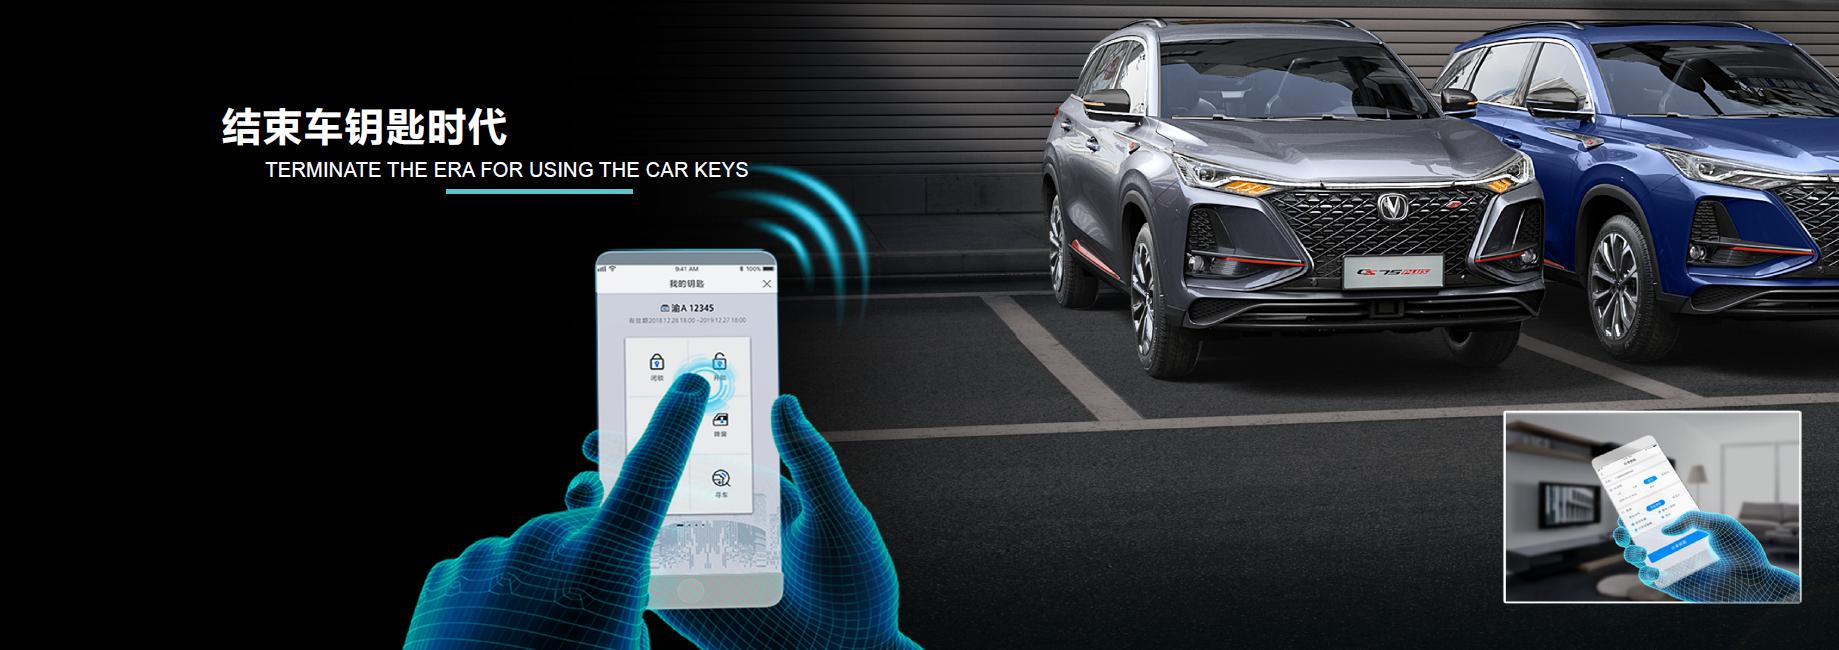 捷德为长安汽车爆款SUV提供数字车钥匙解决方案